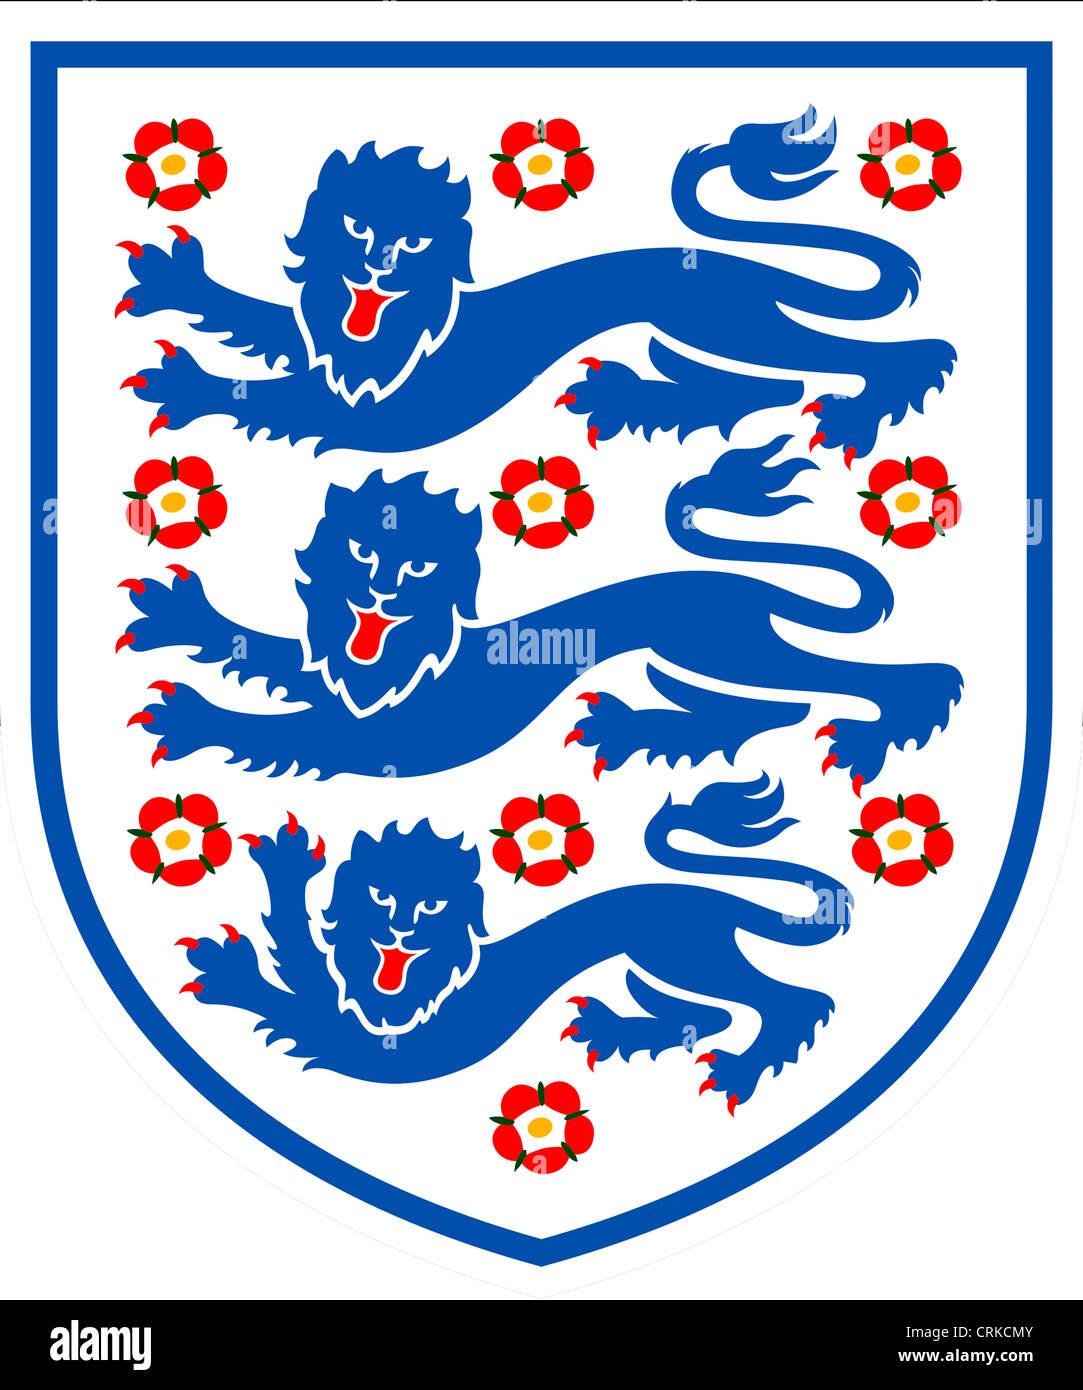 englisch fussball